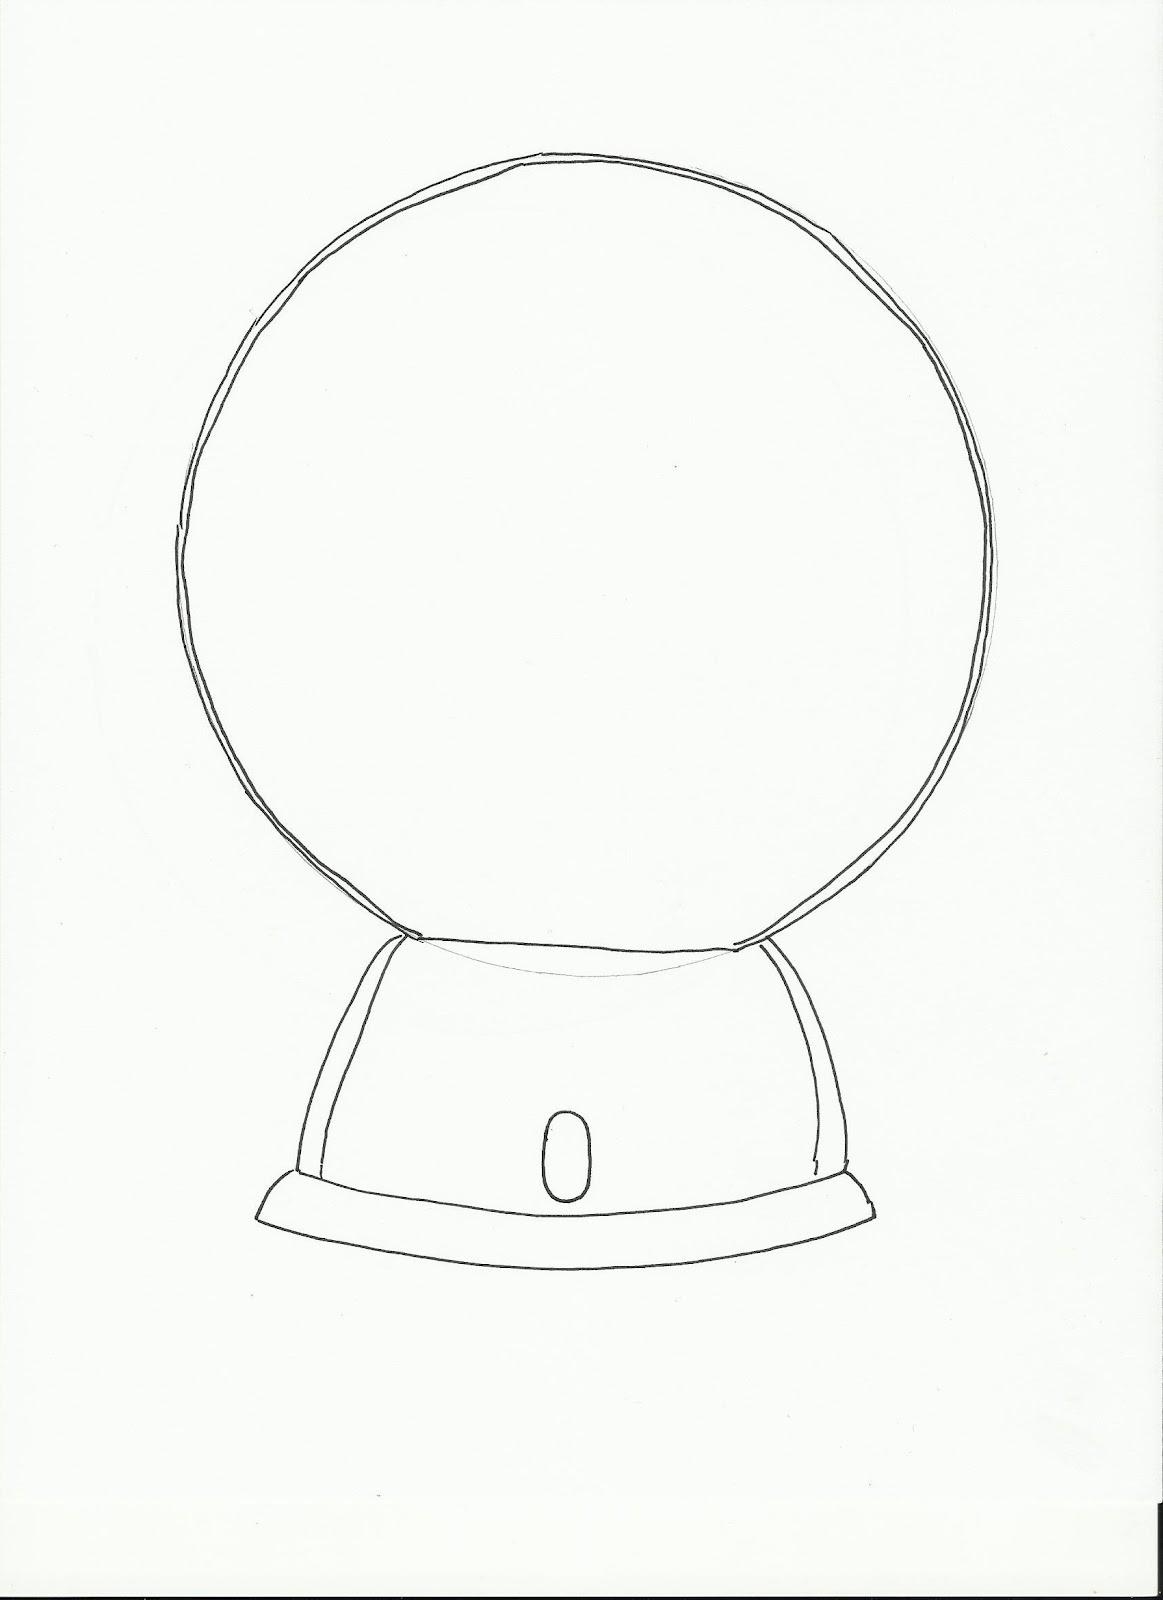 Art class ideas: Gumball Machines